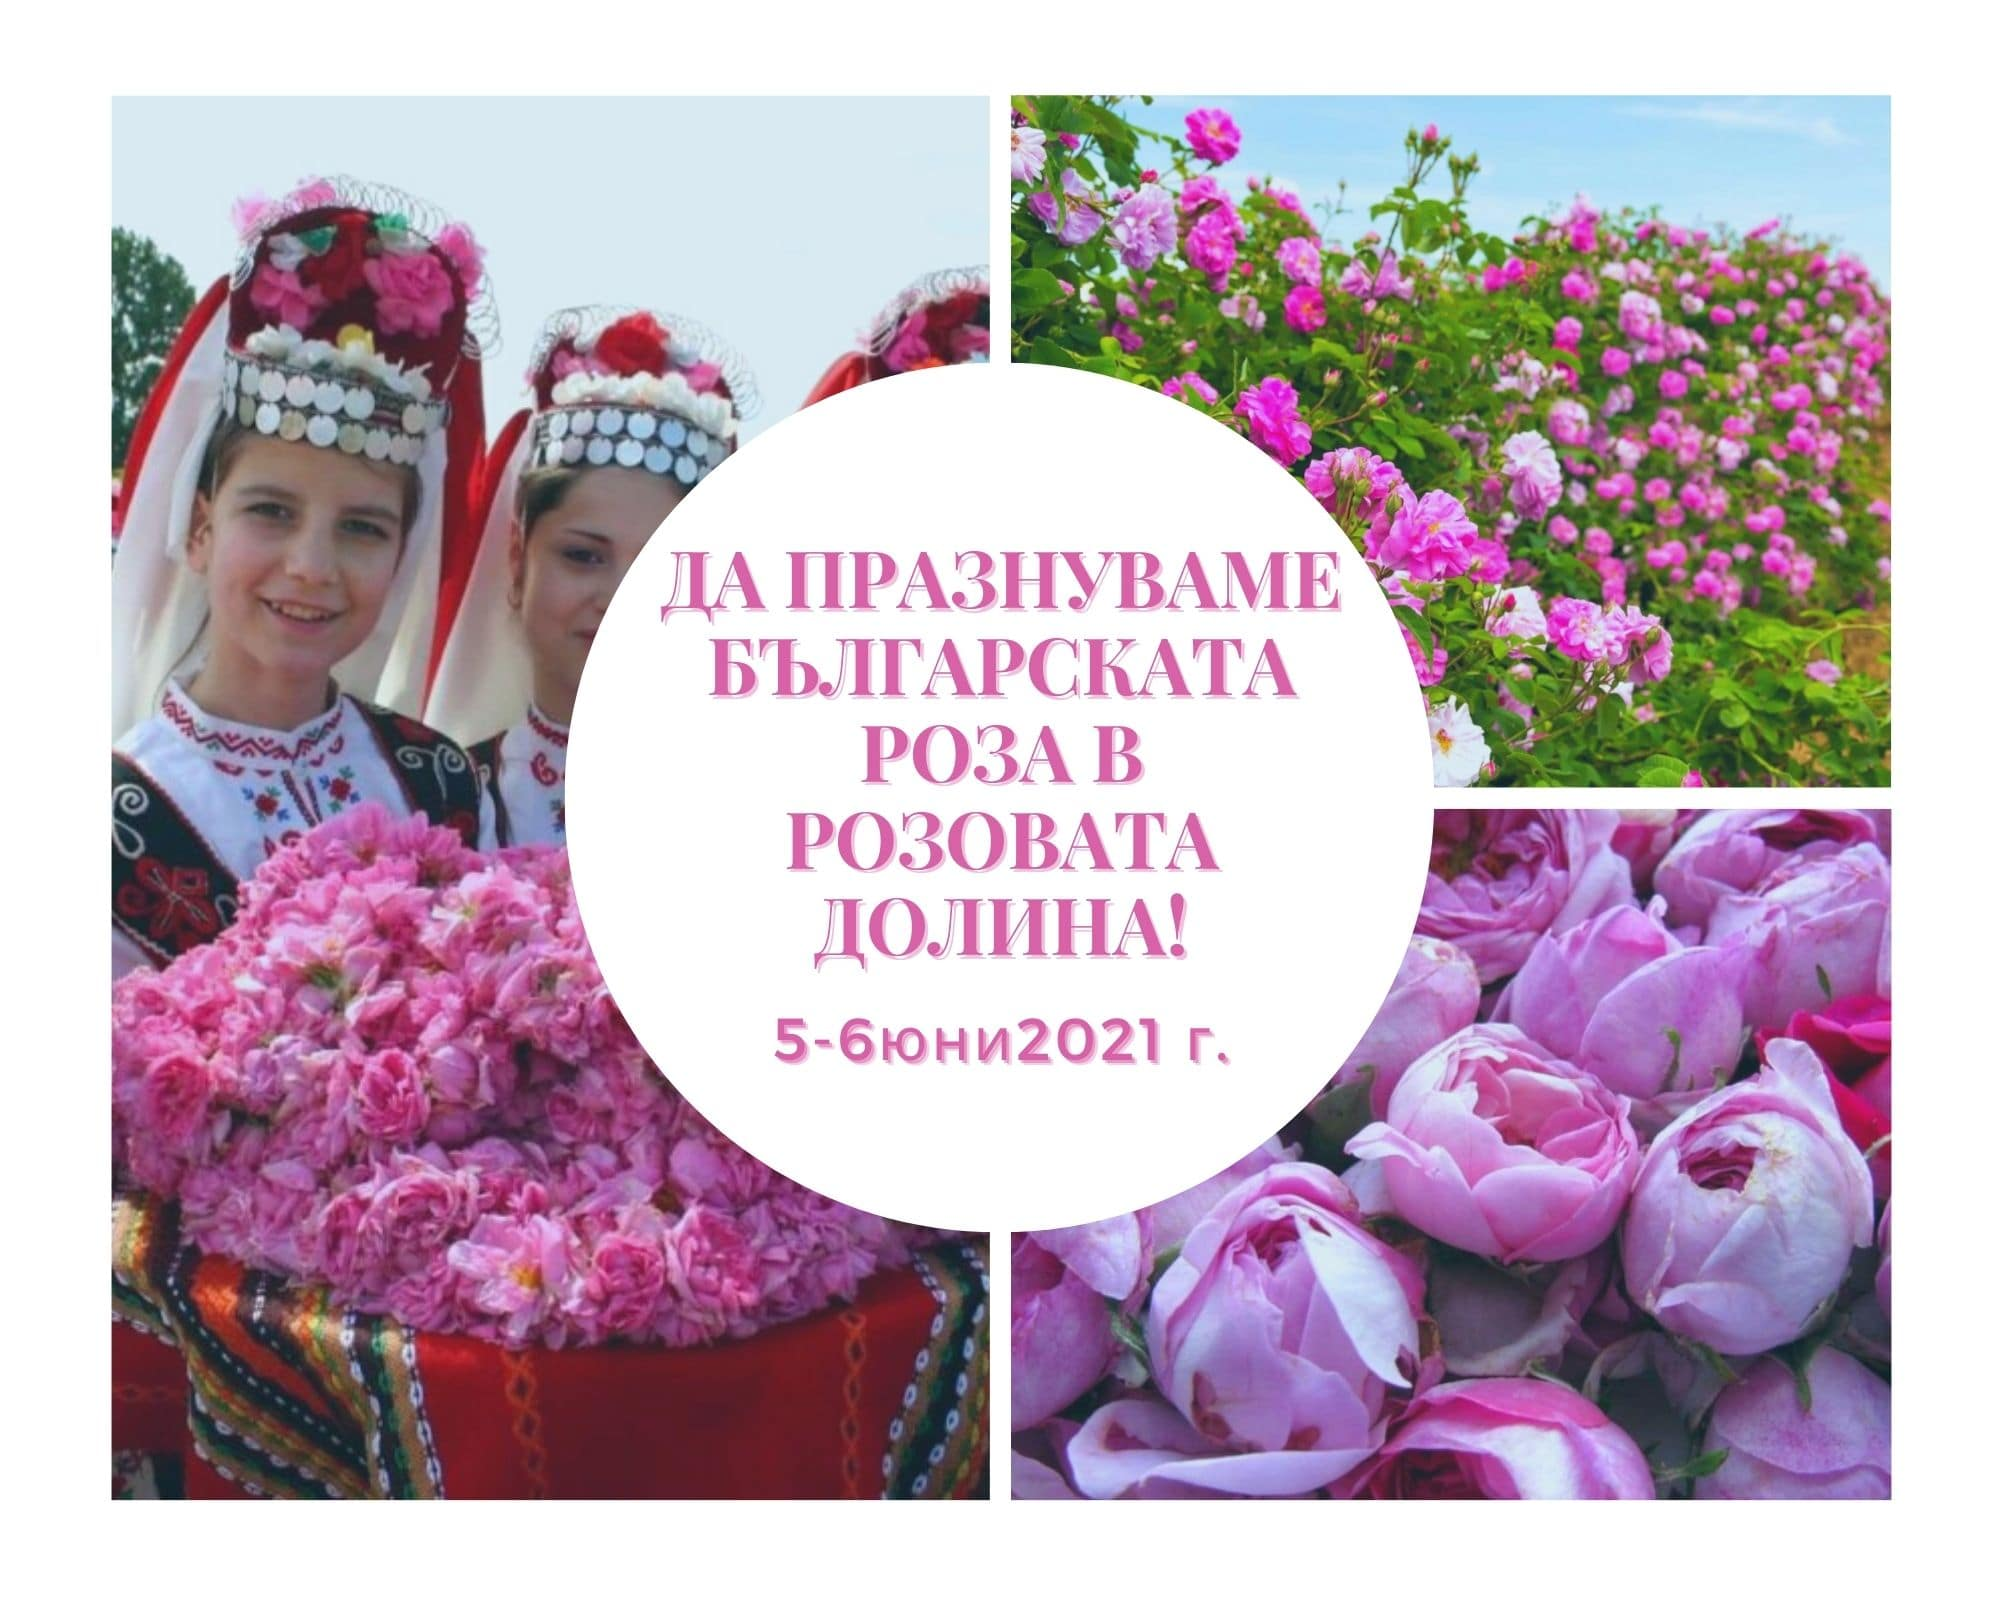 Да празнуваме с българска роза в розова долина